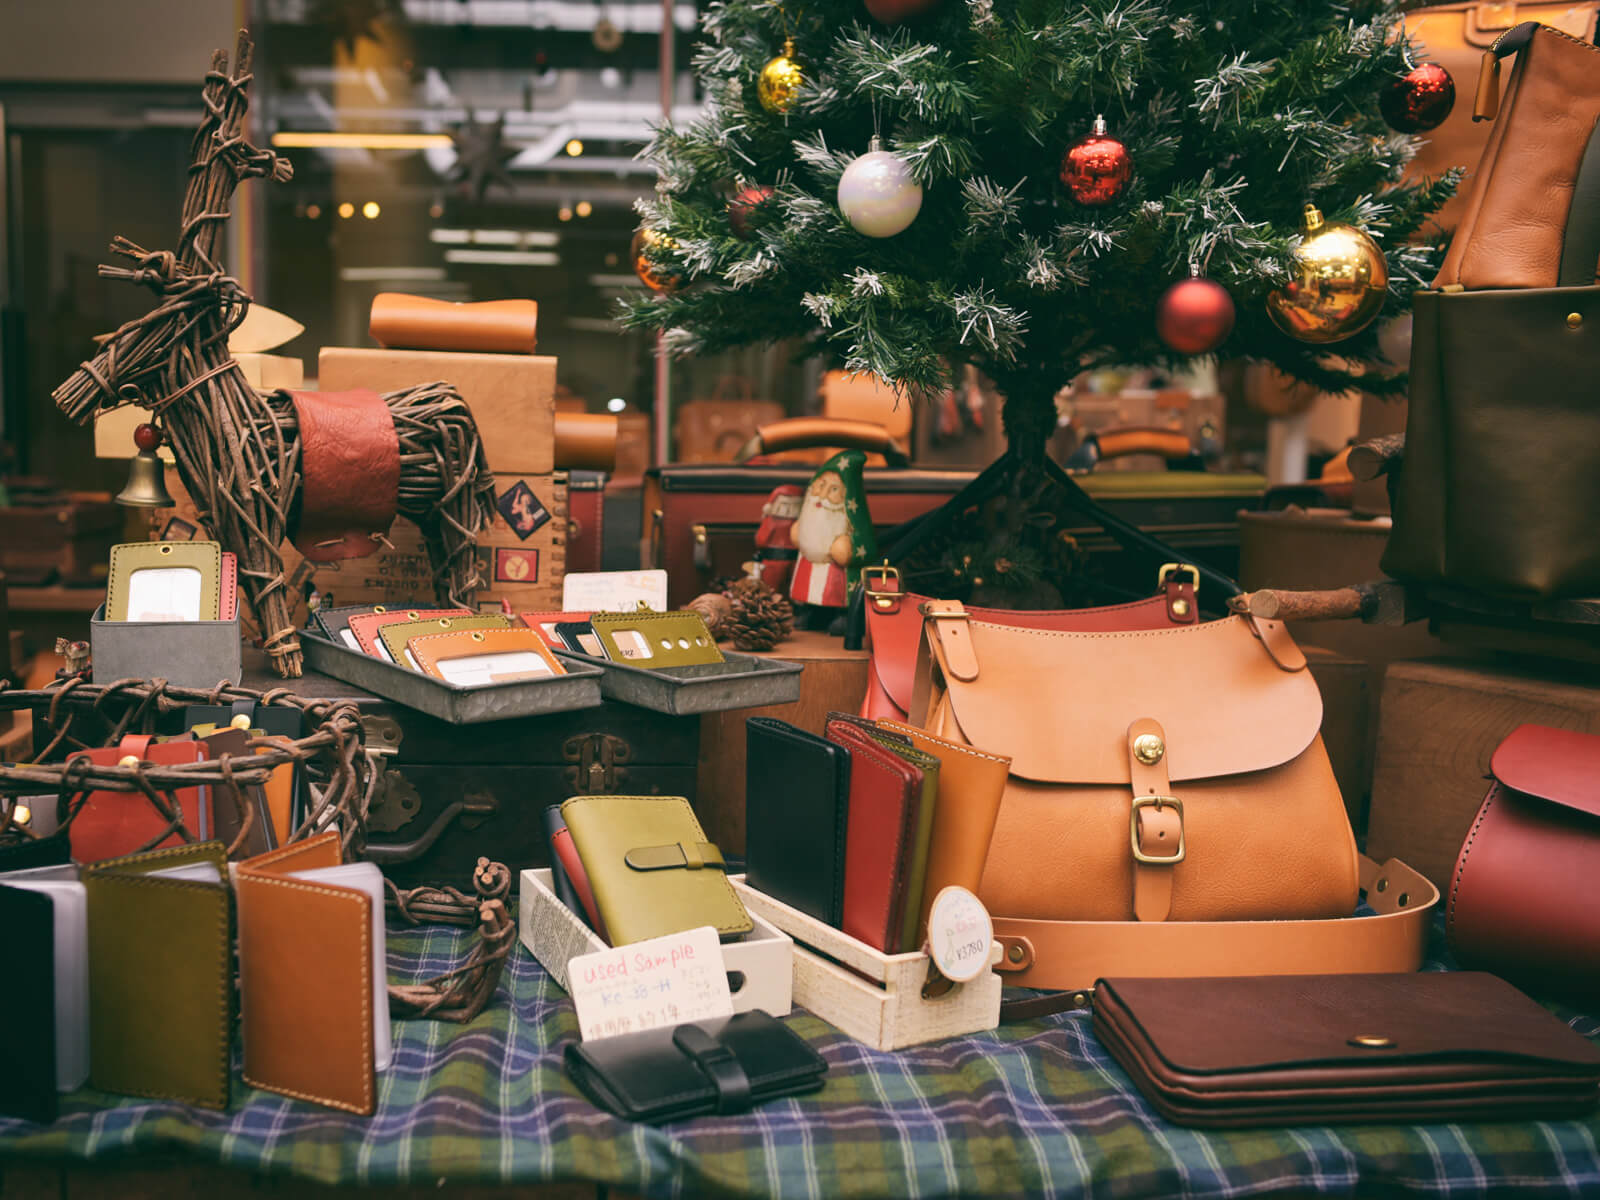 クリスマスプレゼントで喜ばれるレザーアイテム人気ランキング2016